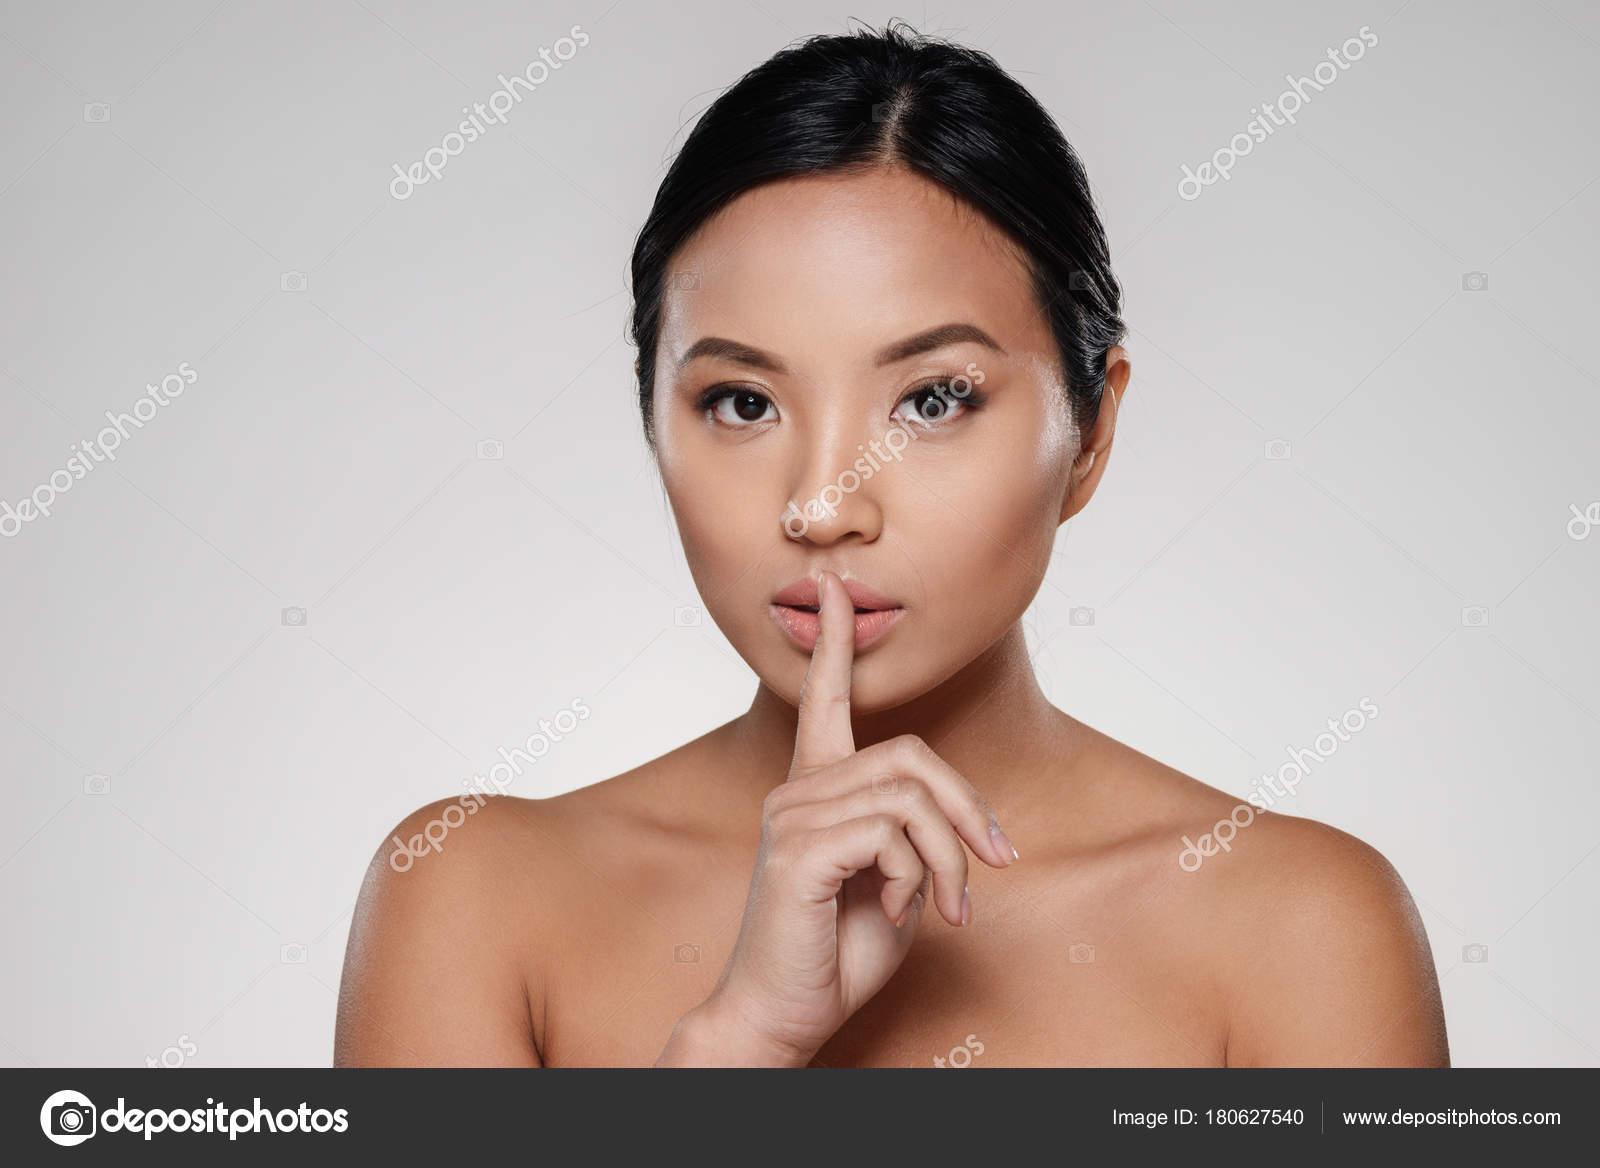 obrázok nahé dámy Lesbičky análny sex príbeh